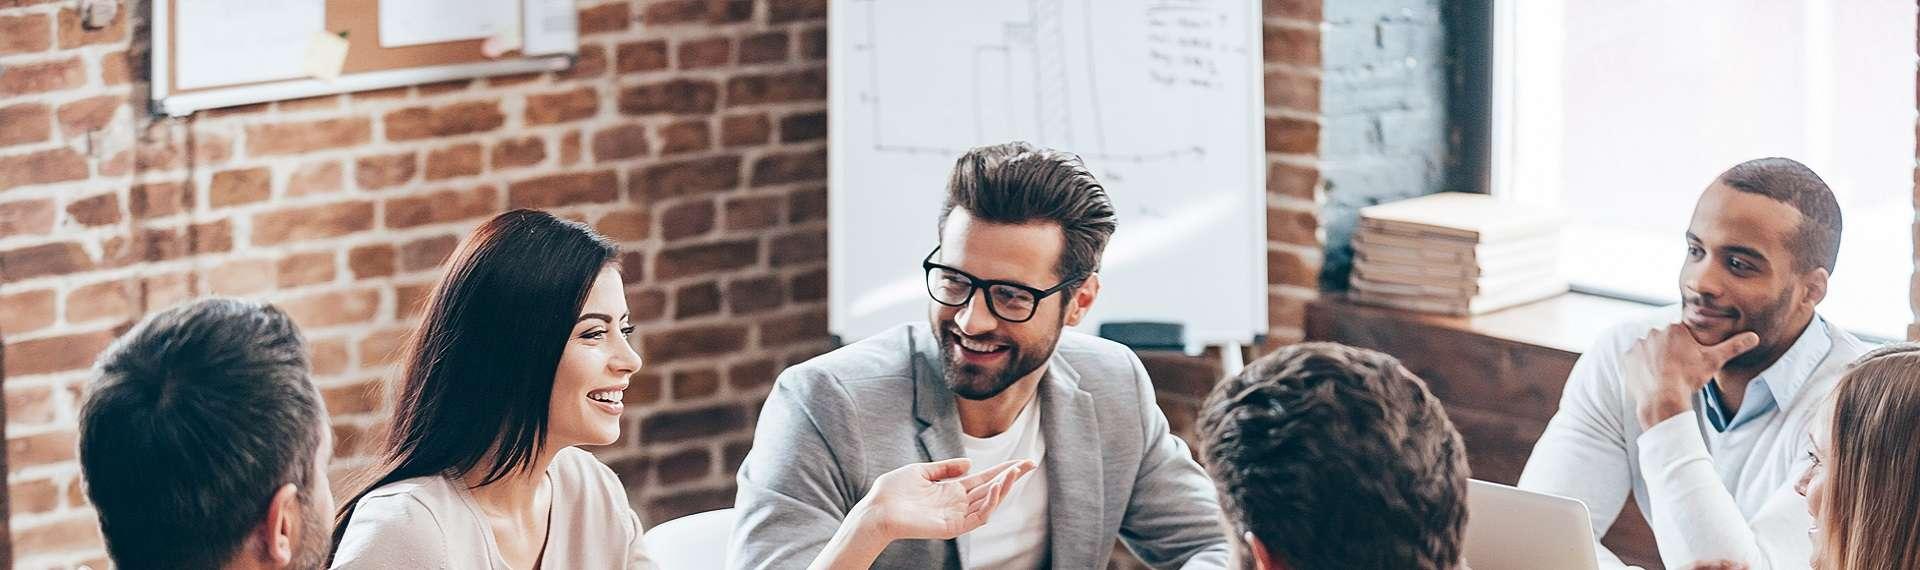 Vous souhaitez créer une entreprise ? Nous vous présentons les différentes façons d'y arriver